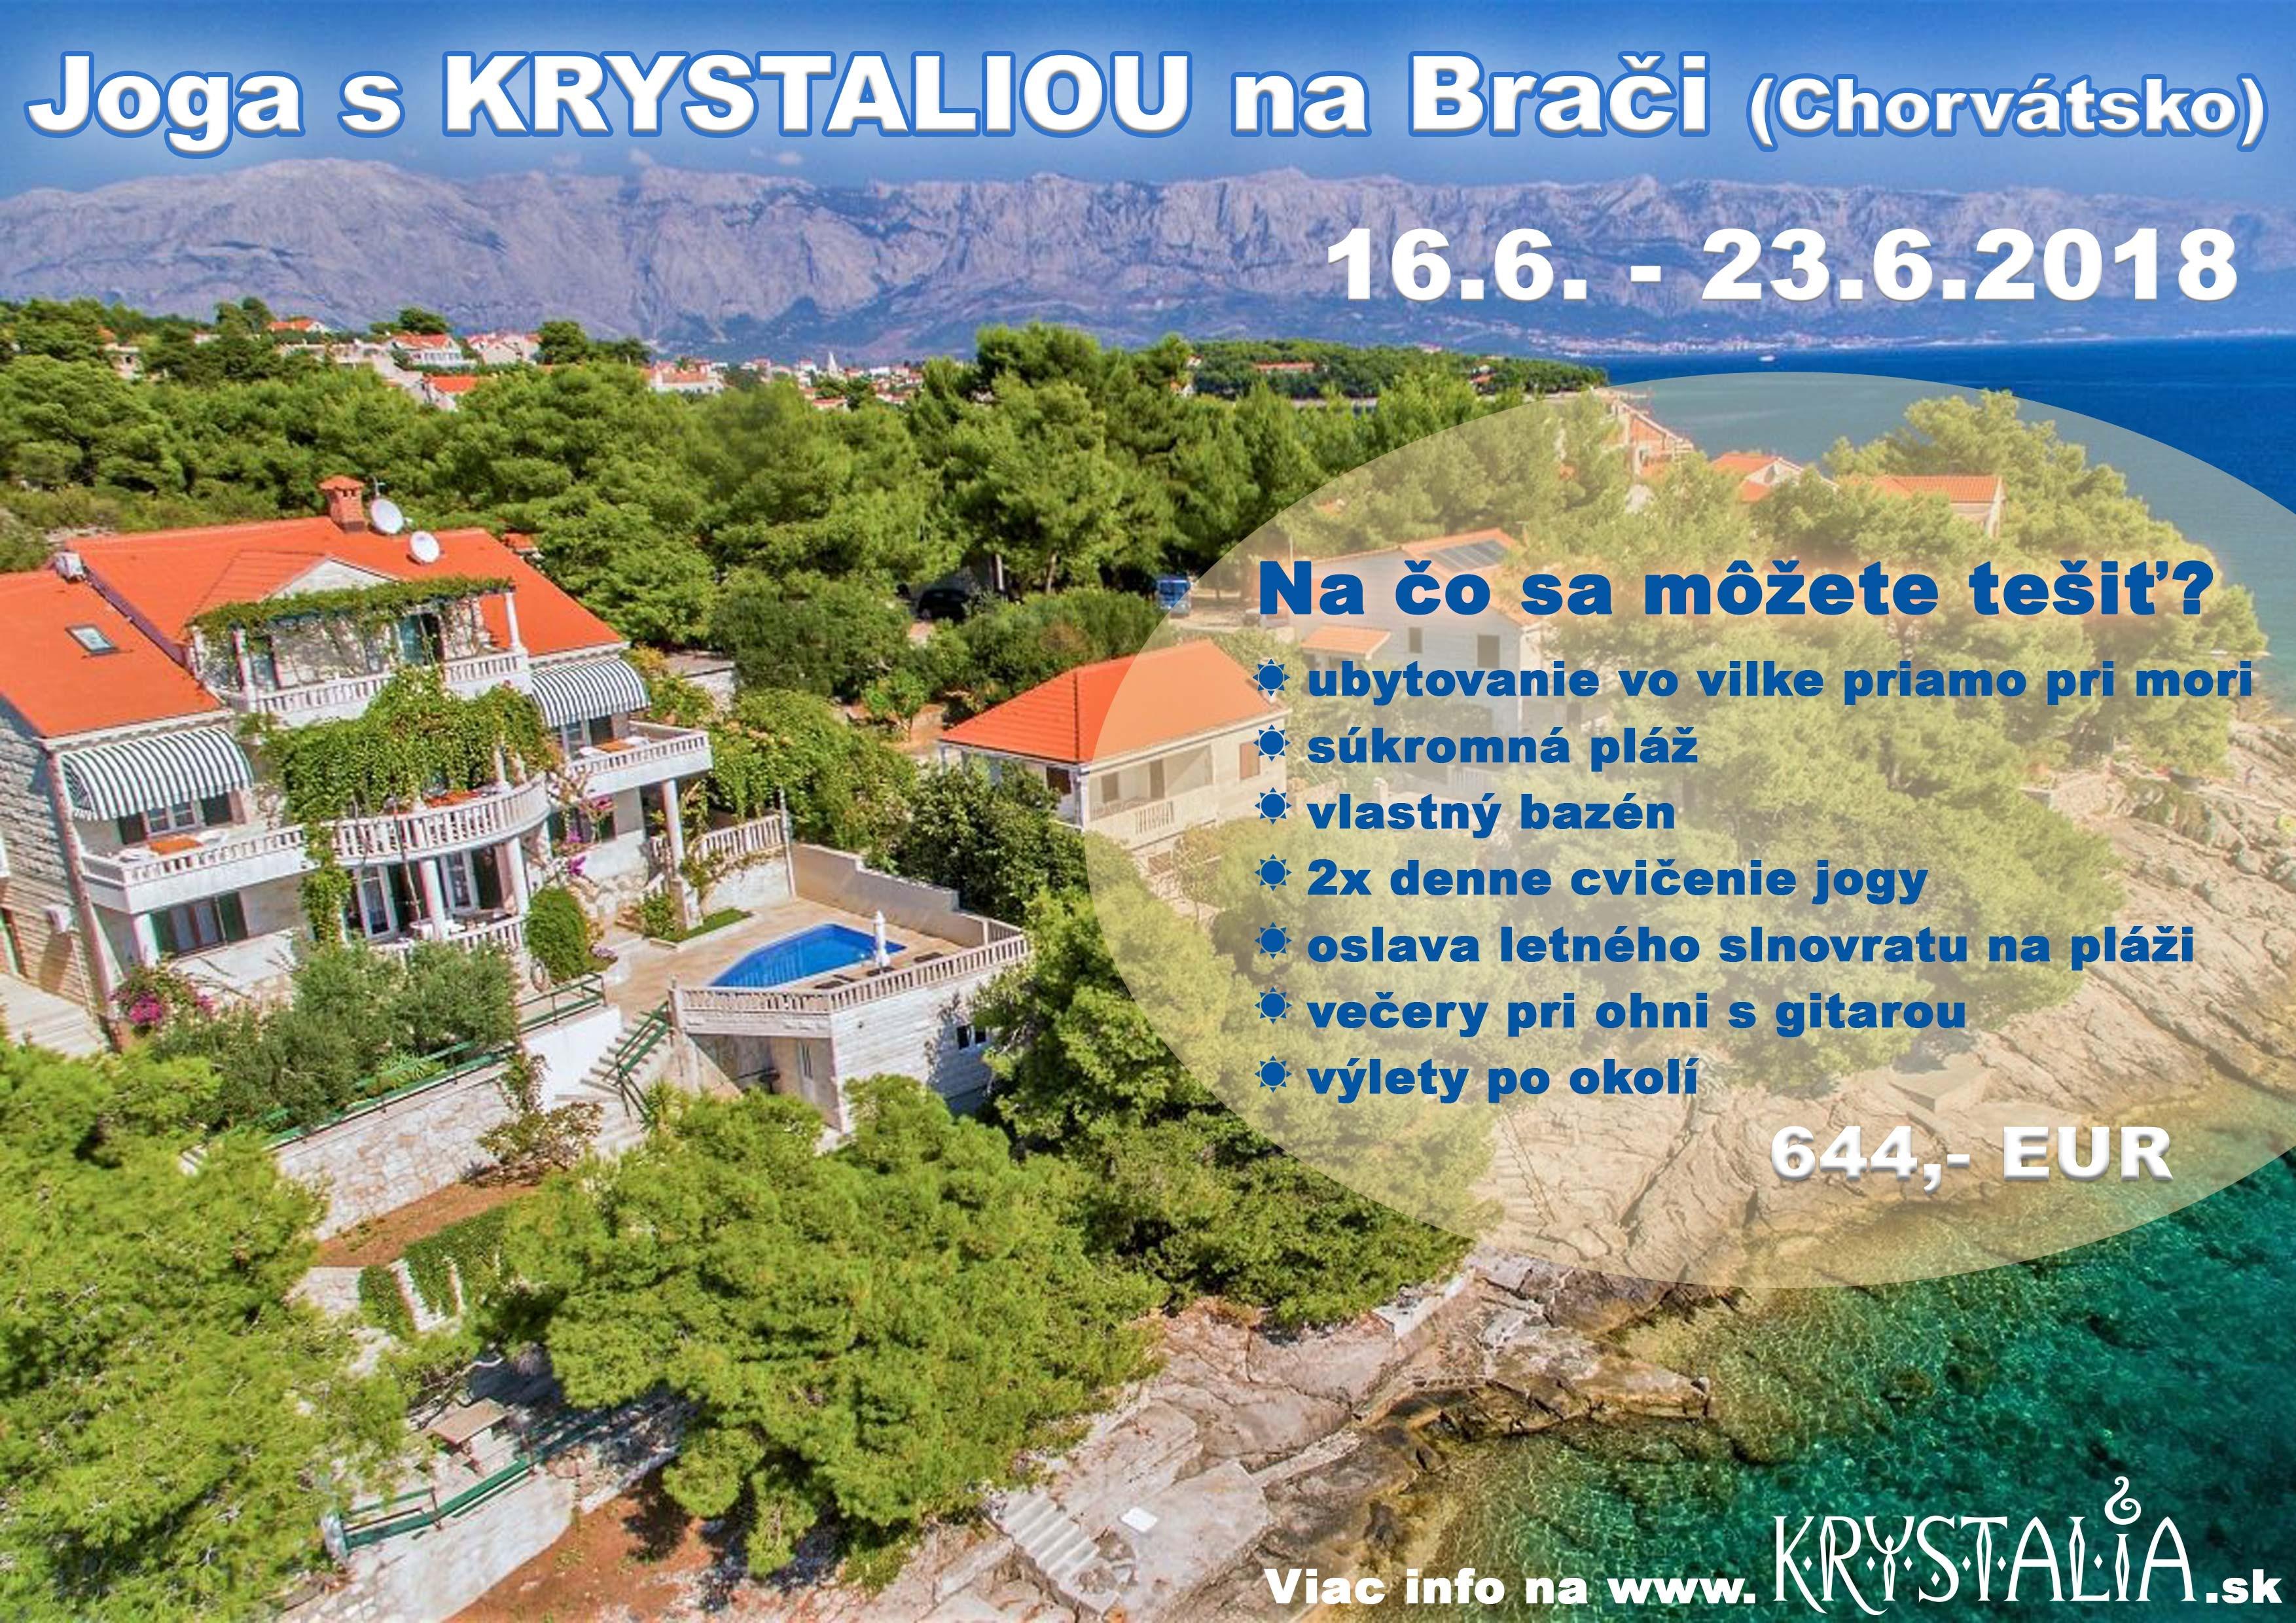 chorvatsko joga pobyt krystalia